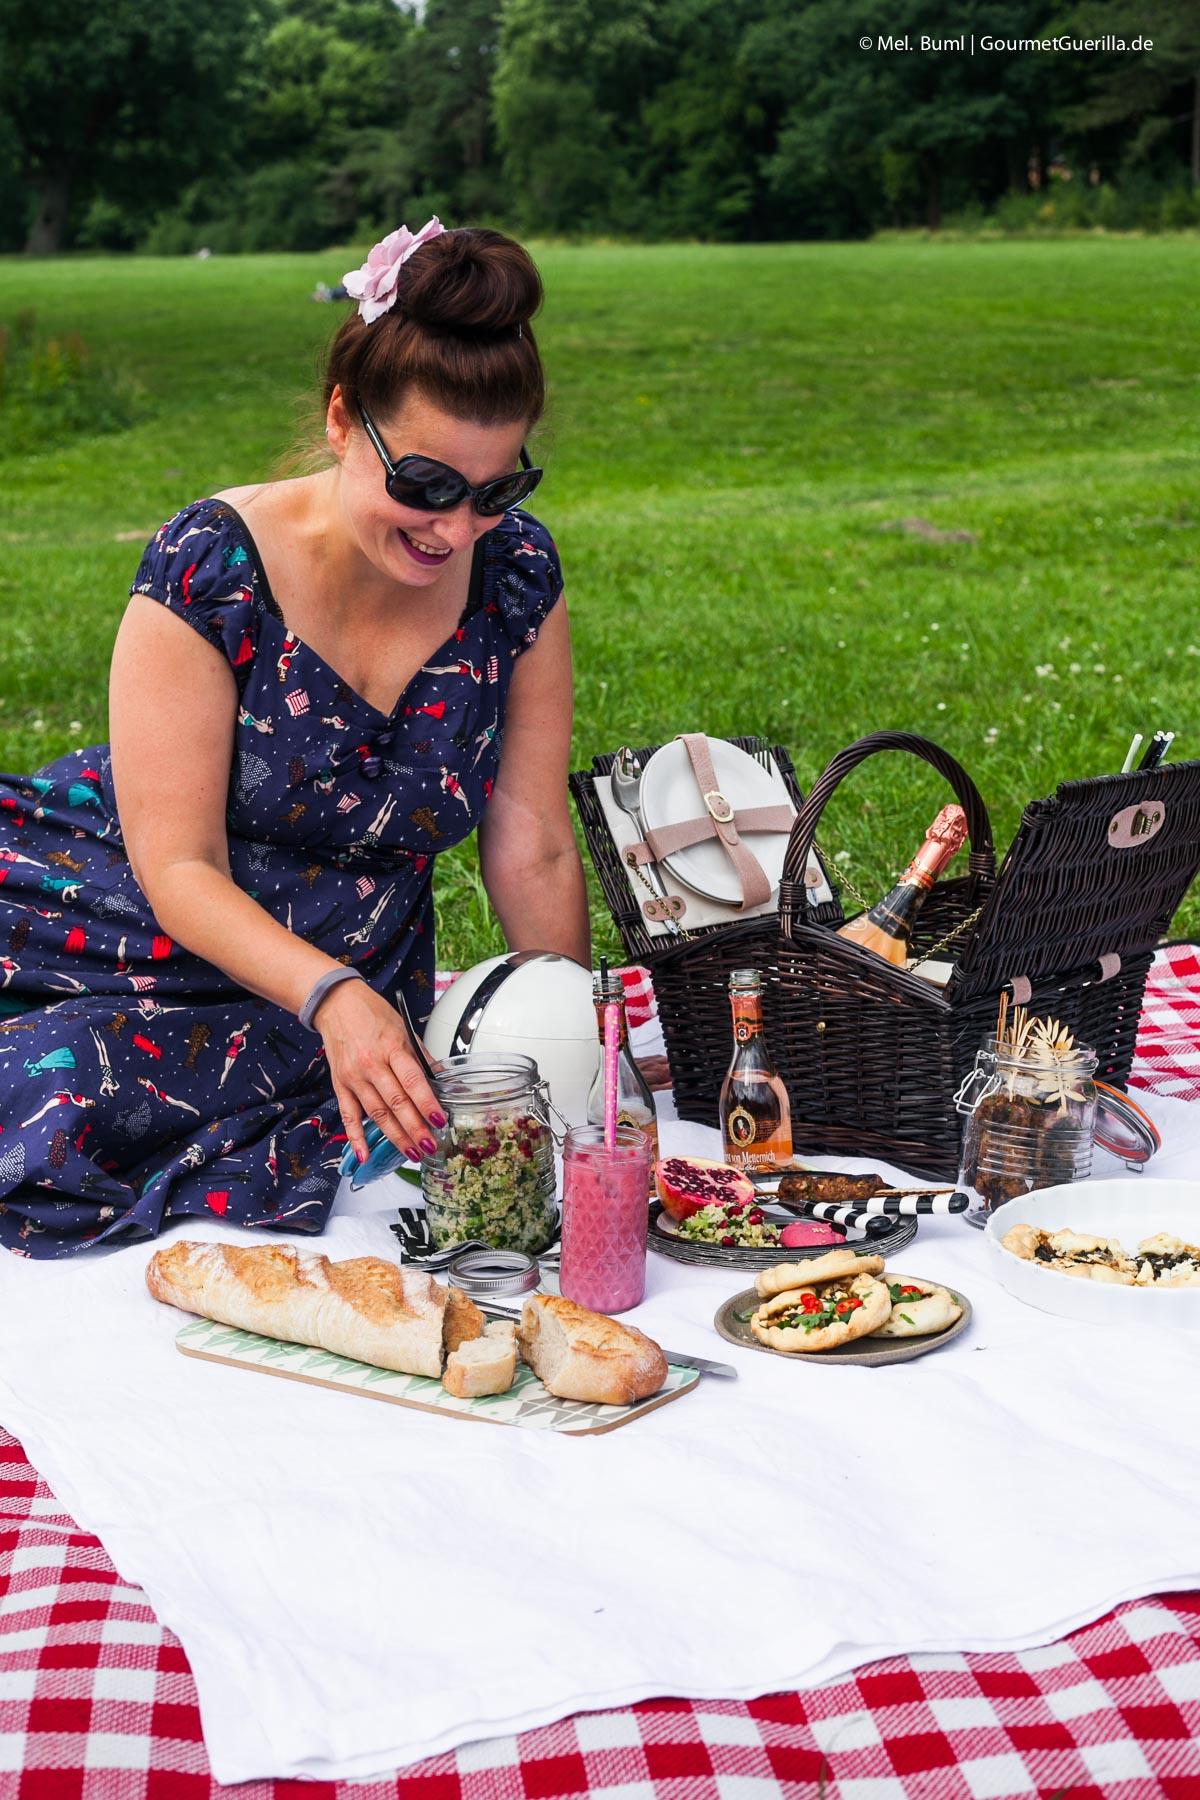 Ein Picknick für zwei mit vier leckeren Rezeptideen |GourmetGuerilla.de-1766